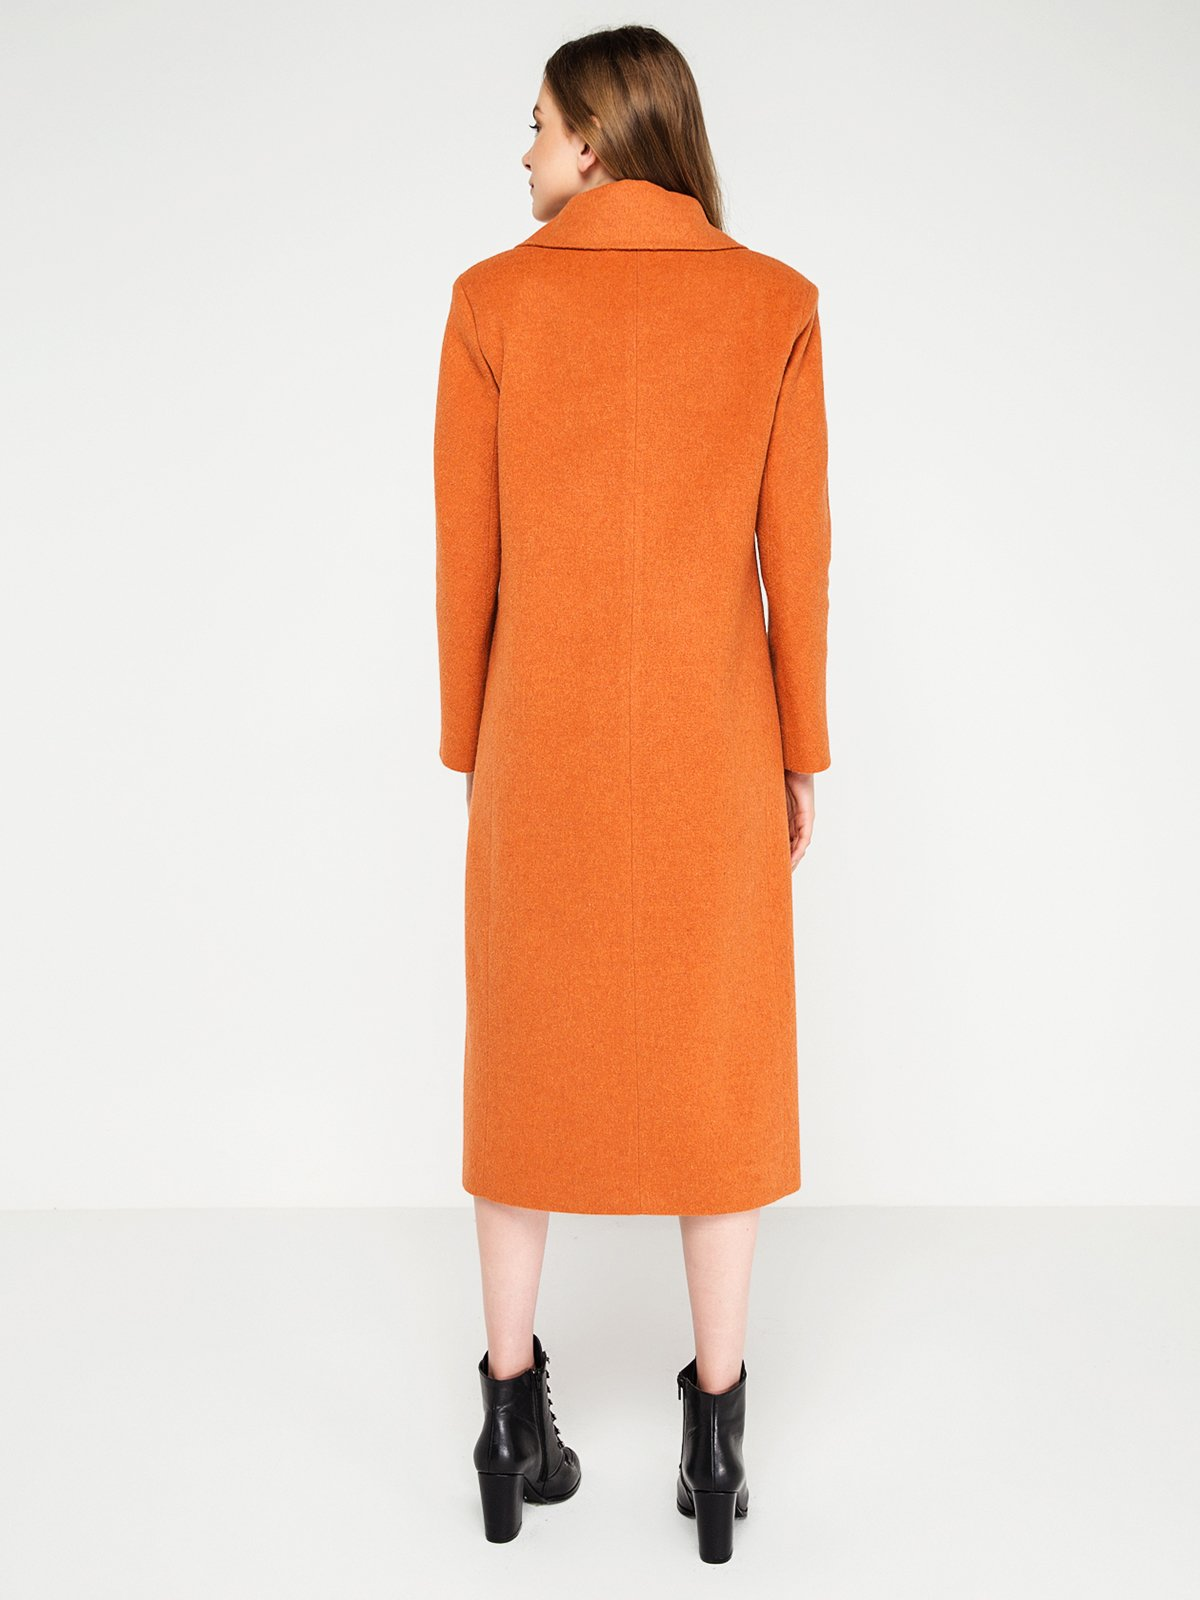 Пальто оранжевое | 3606556 | фото 2